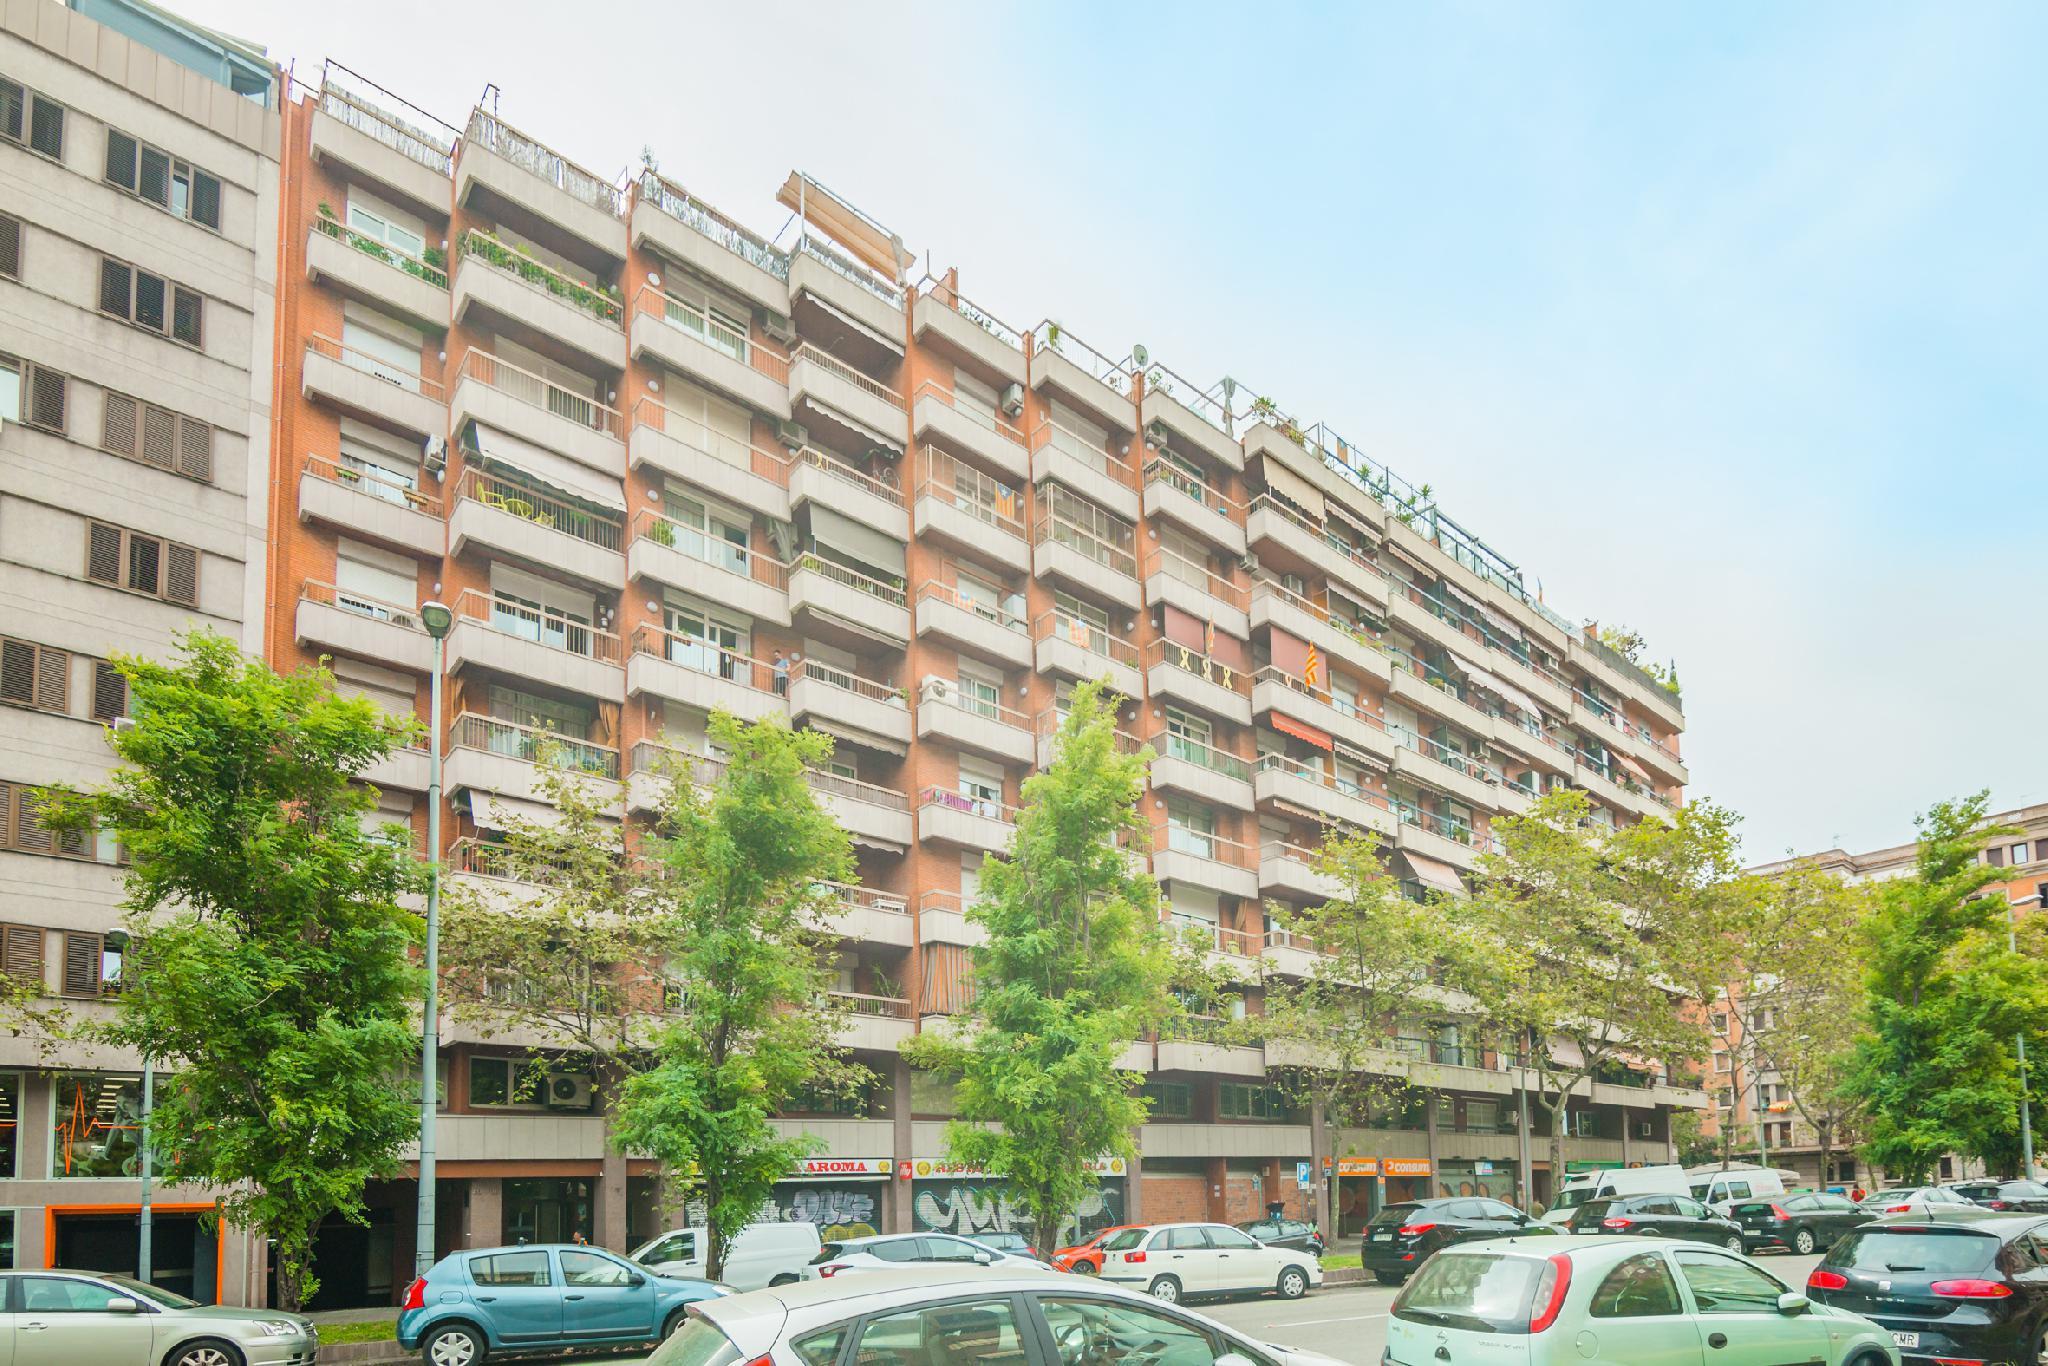 Imagen 3 Parking Coche en venta en Barcelona / Avda. de Roma - Vilamarí